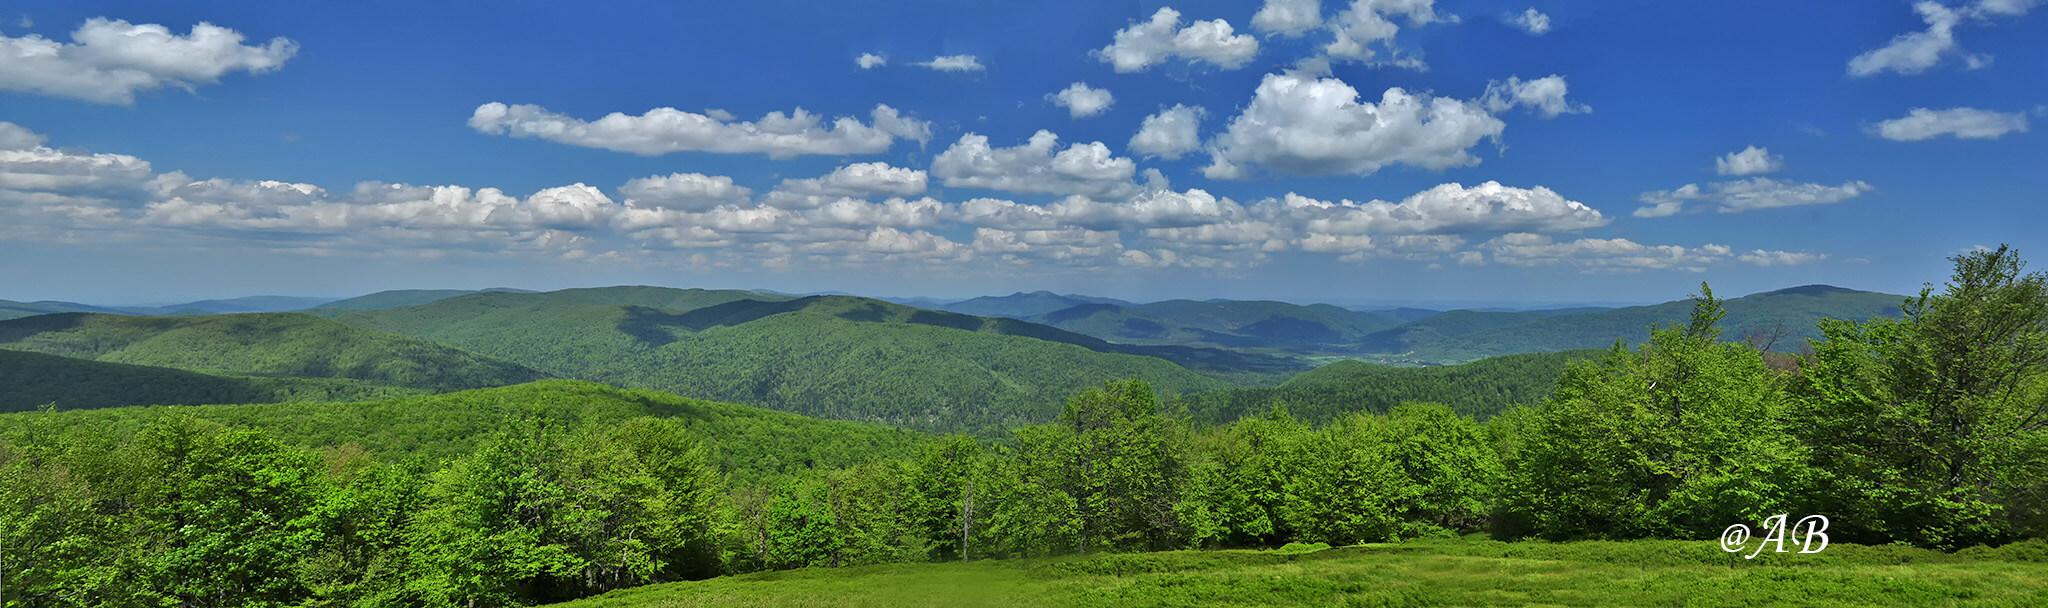 Ciśniańsko - Wetliński Park Krajobrazowy widziany z Paportnej